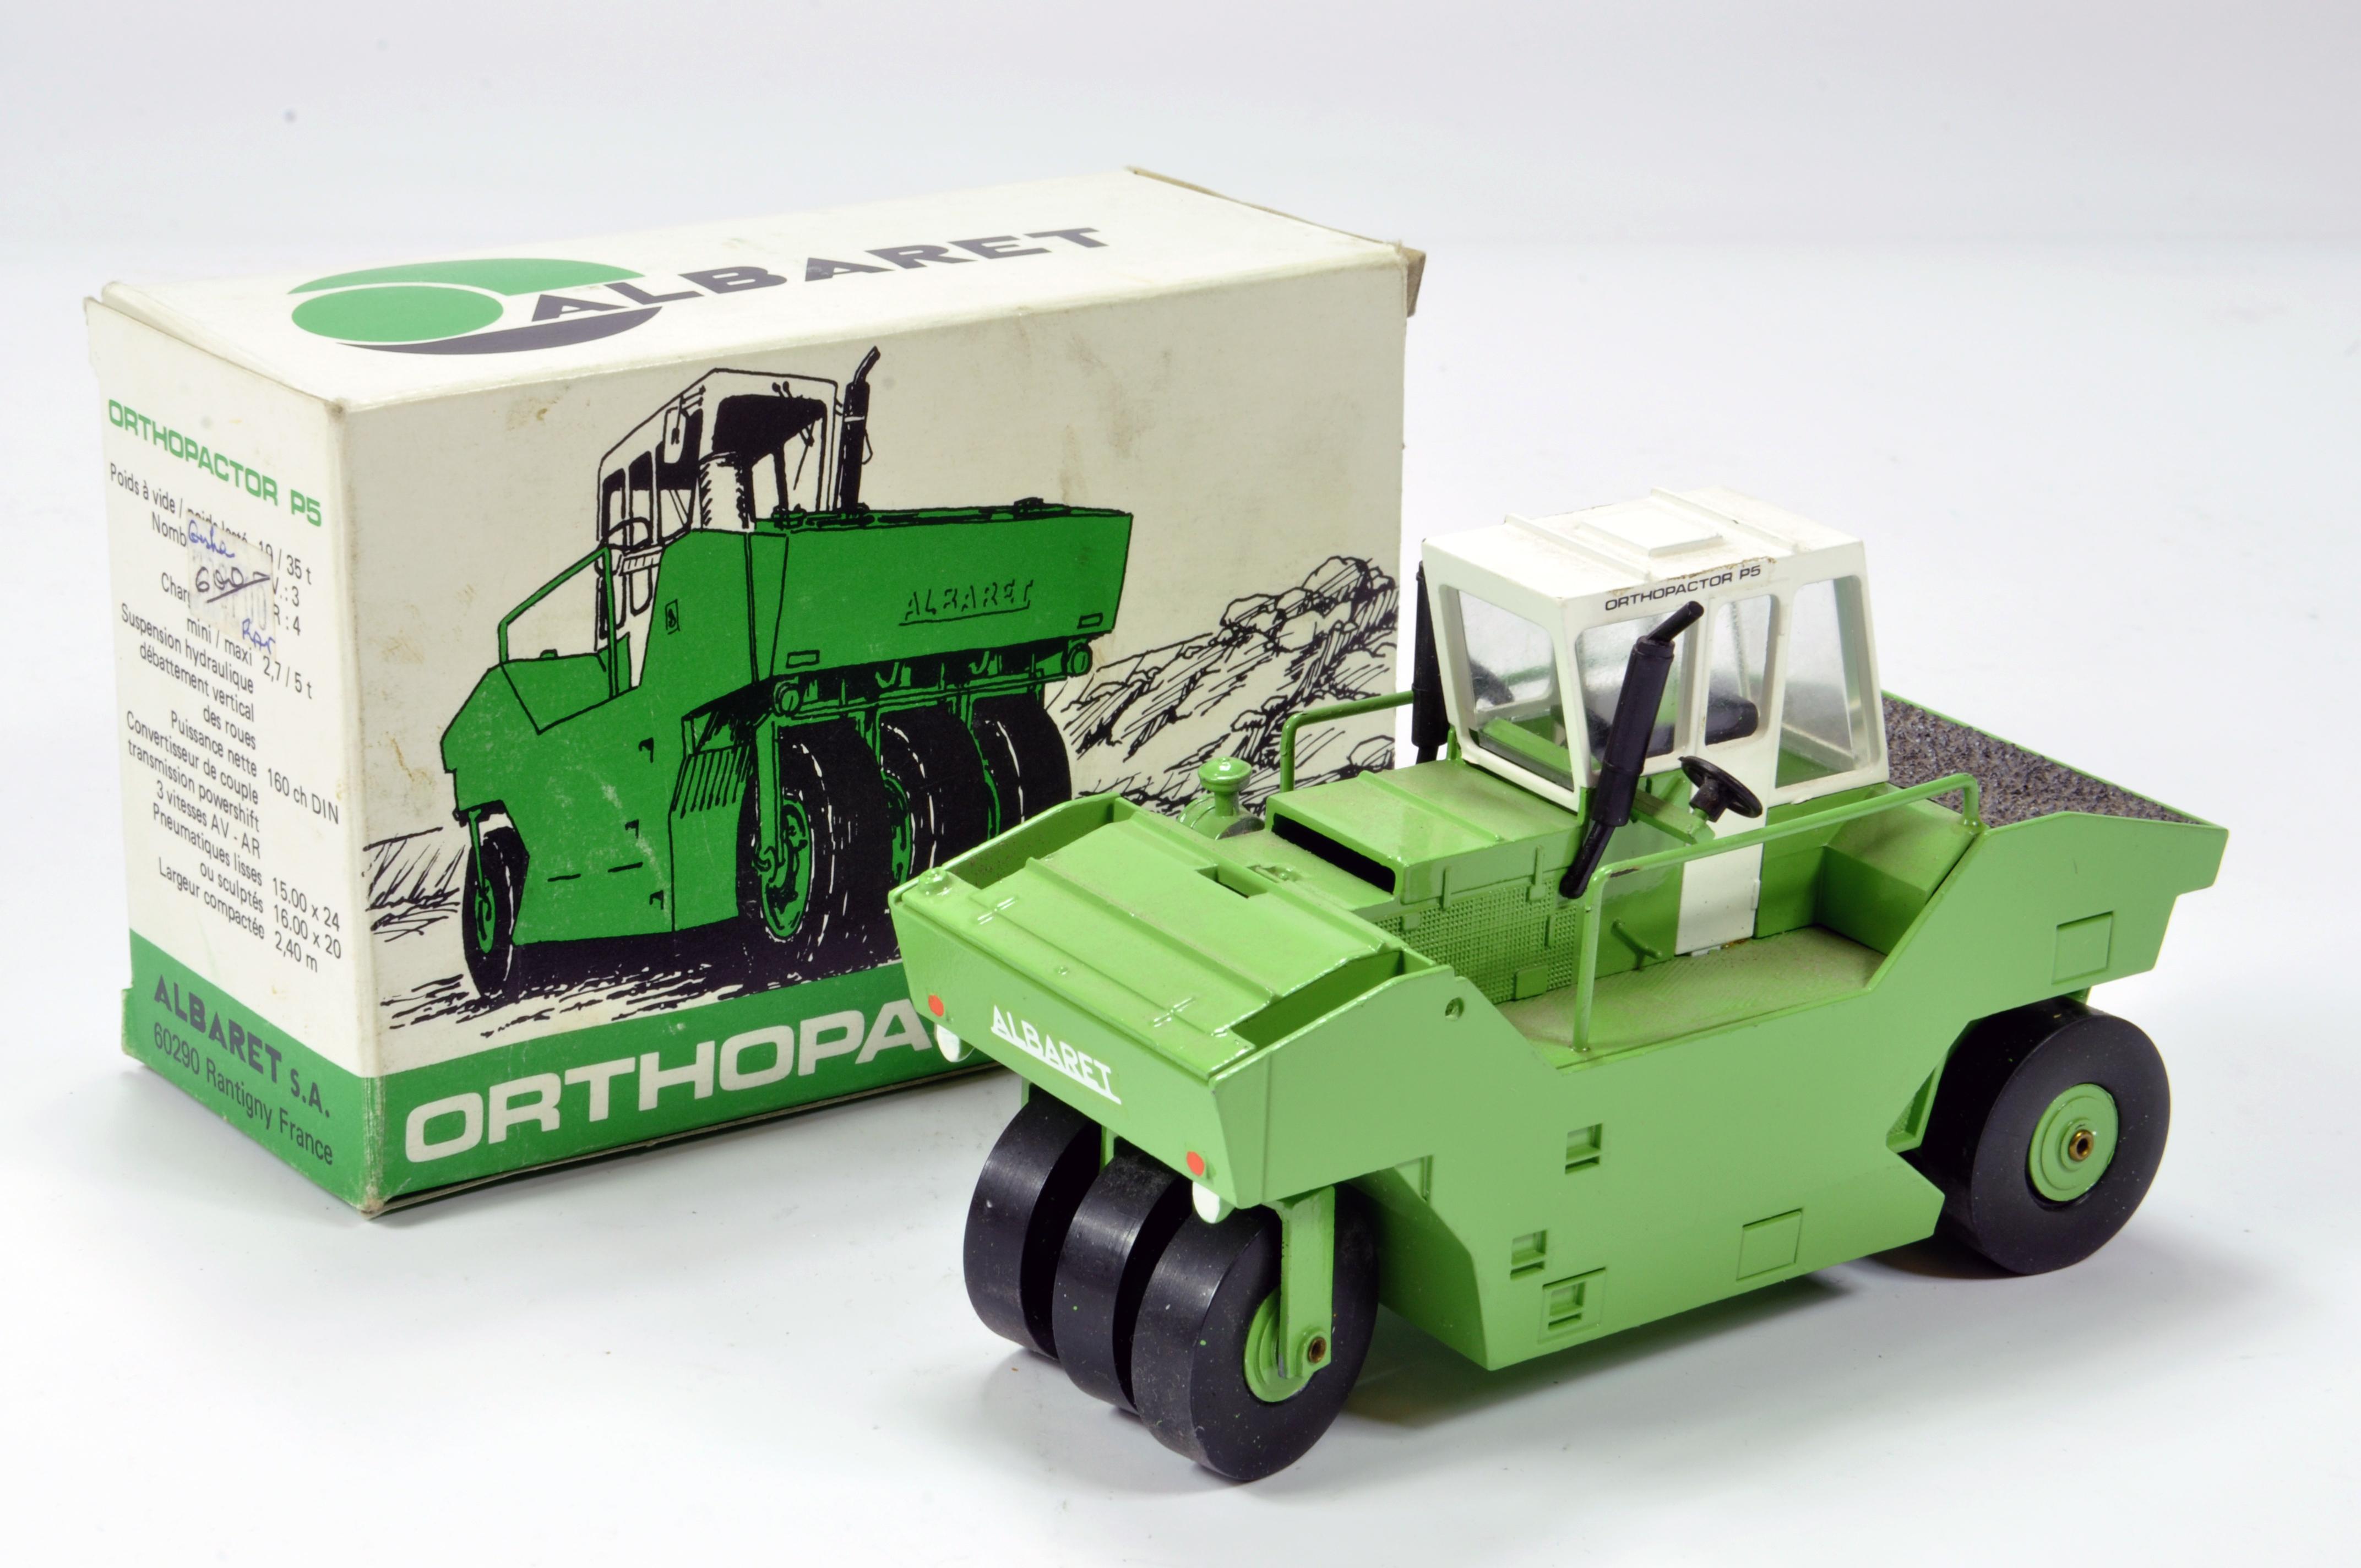 Gescha Pre Conrad 1/50 Construction Diecast No. 274 Orthopactor. Albaret. E to NM in Box.